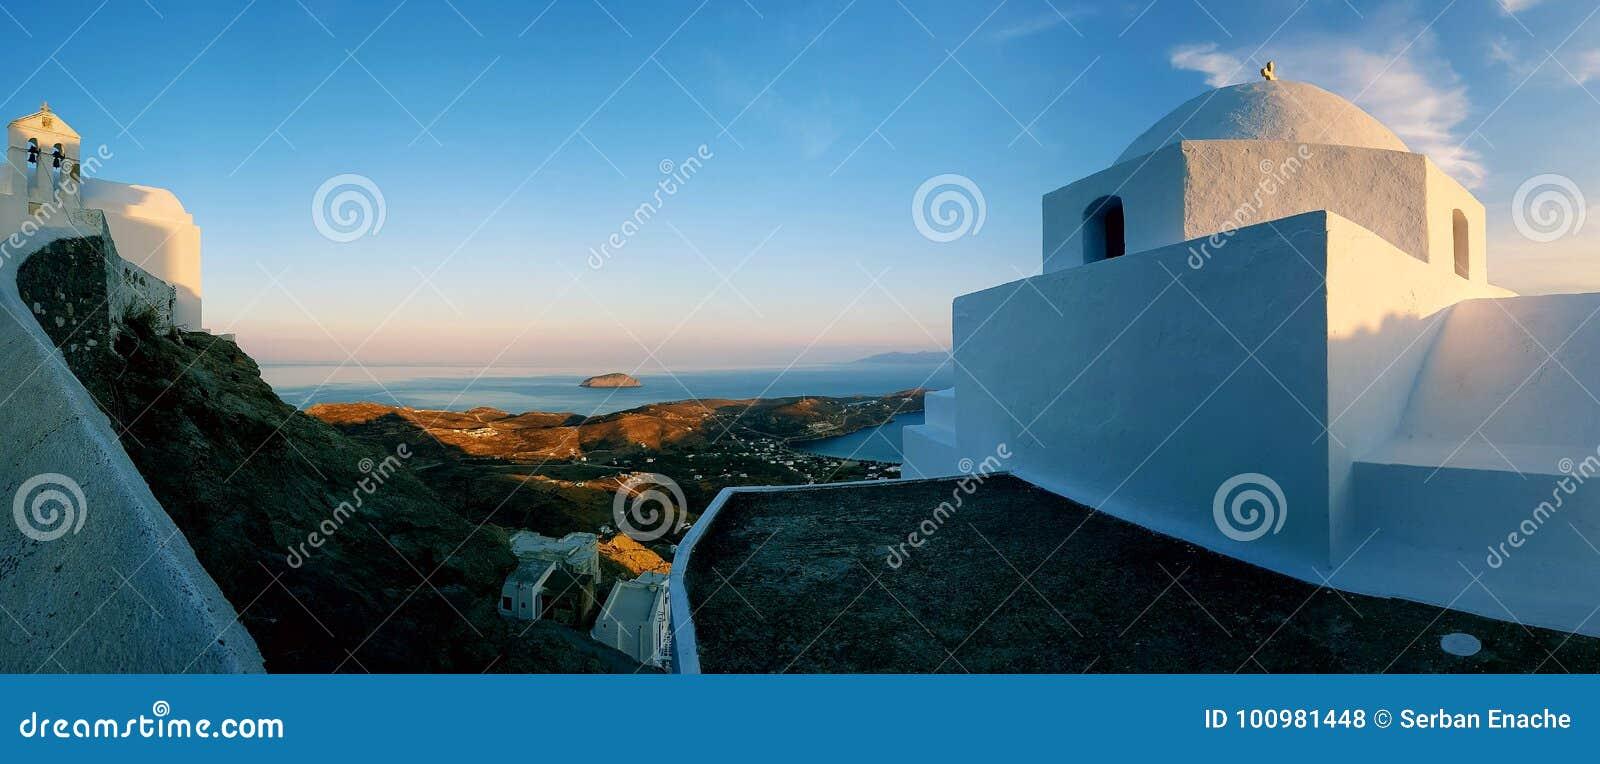 Arquitectura de Cícladas en la isla de Serifos